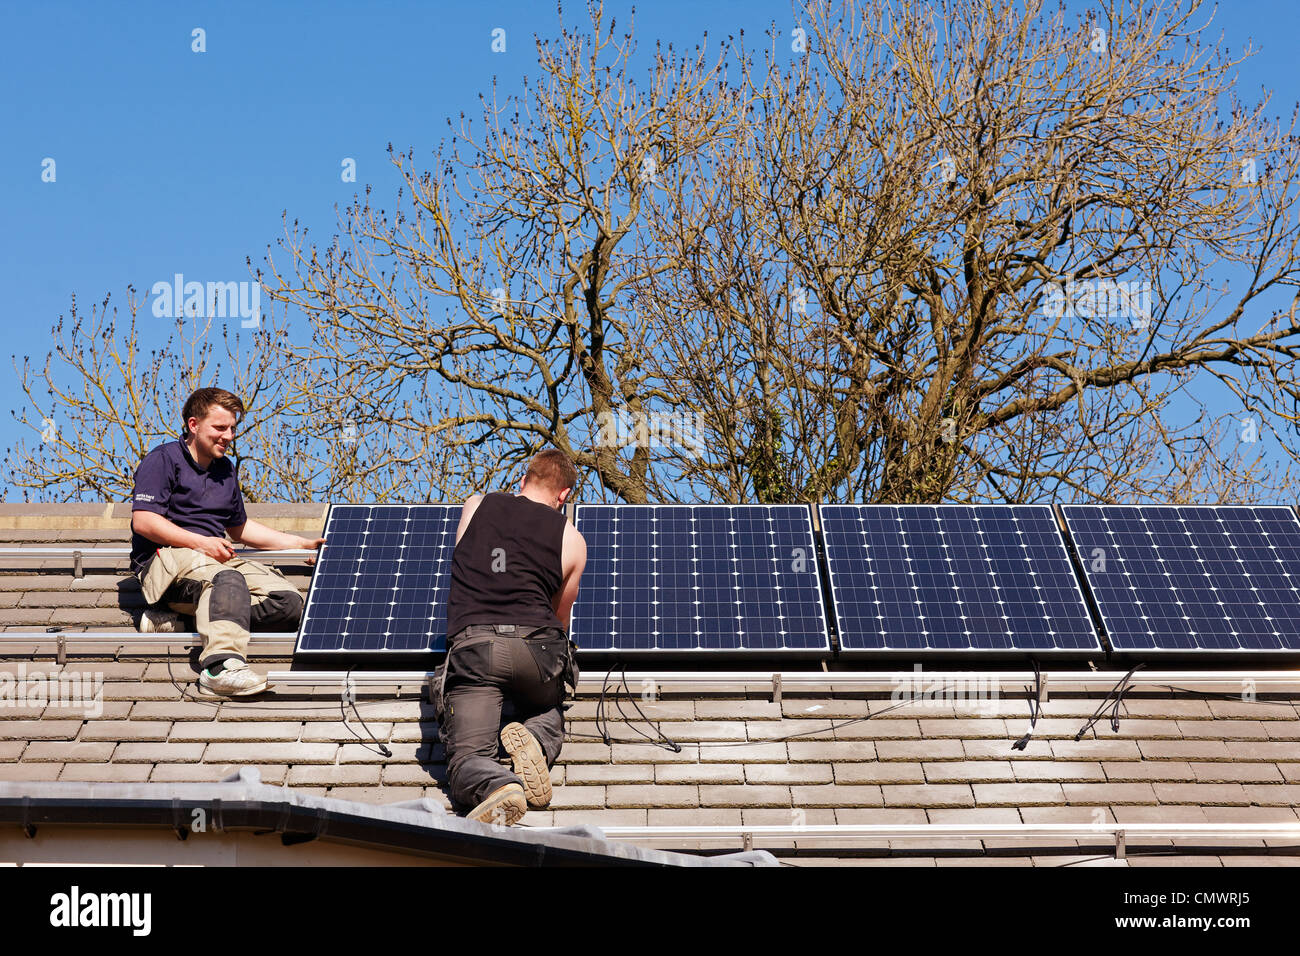 Instalación de paneles solares en el techo Imagen De Stock